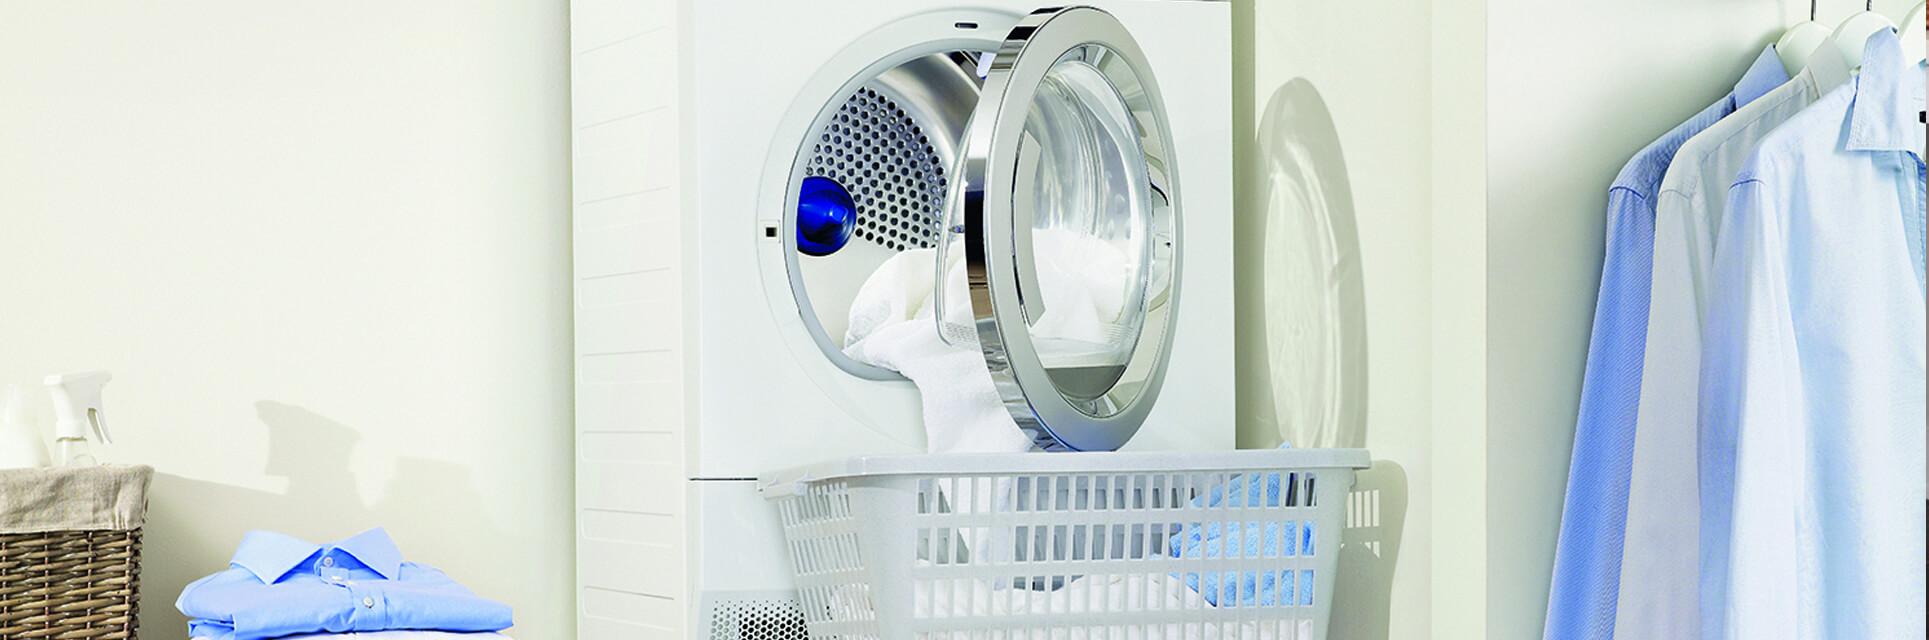 Servicio técnico secadoras balay